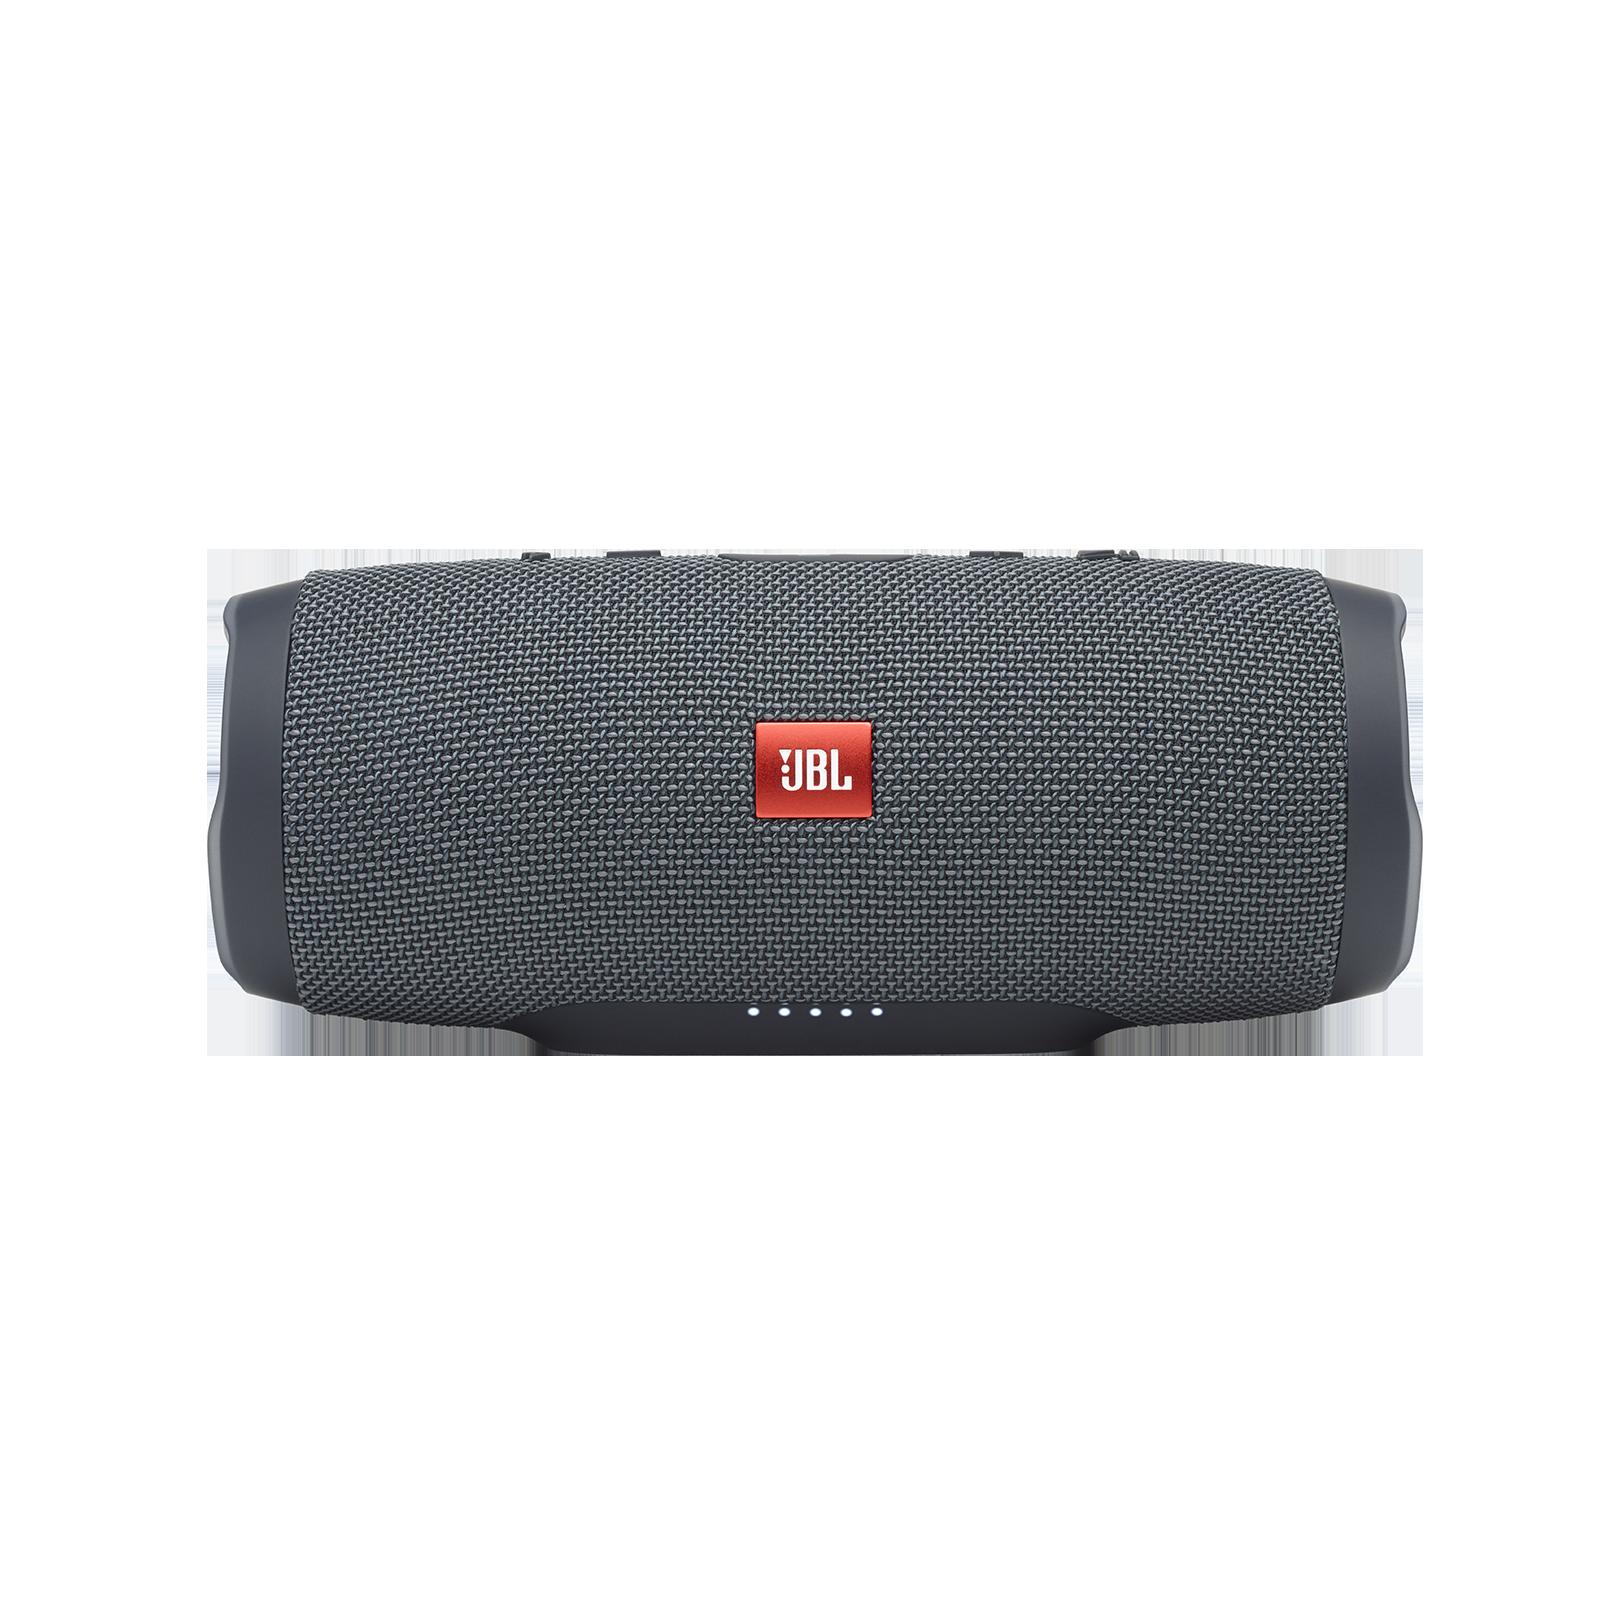 JBL Charge Essential - Gun Metal - Portable waterproof speaker - Front